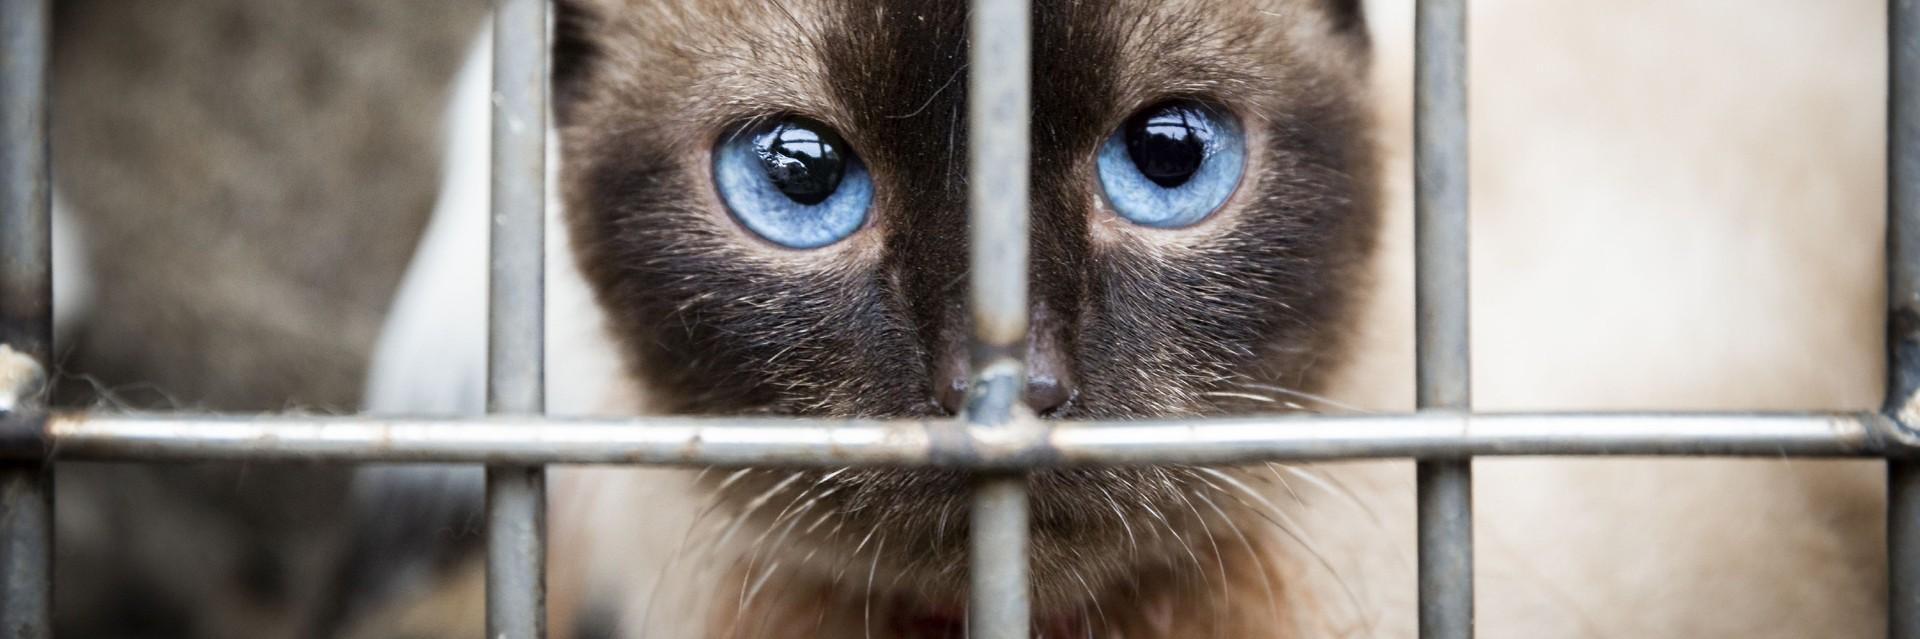 cat in cat meat cage